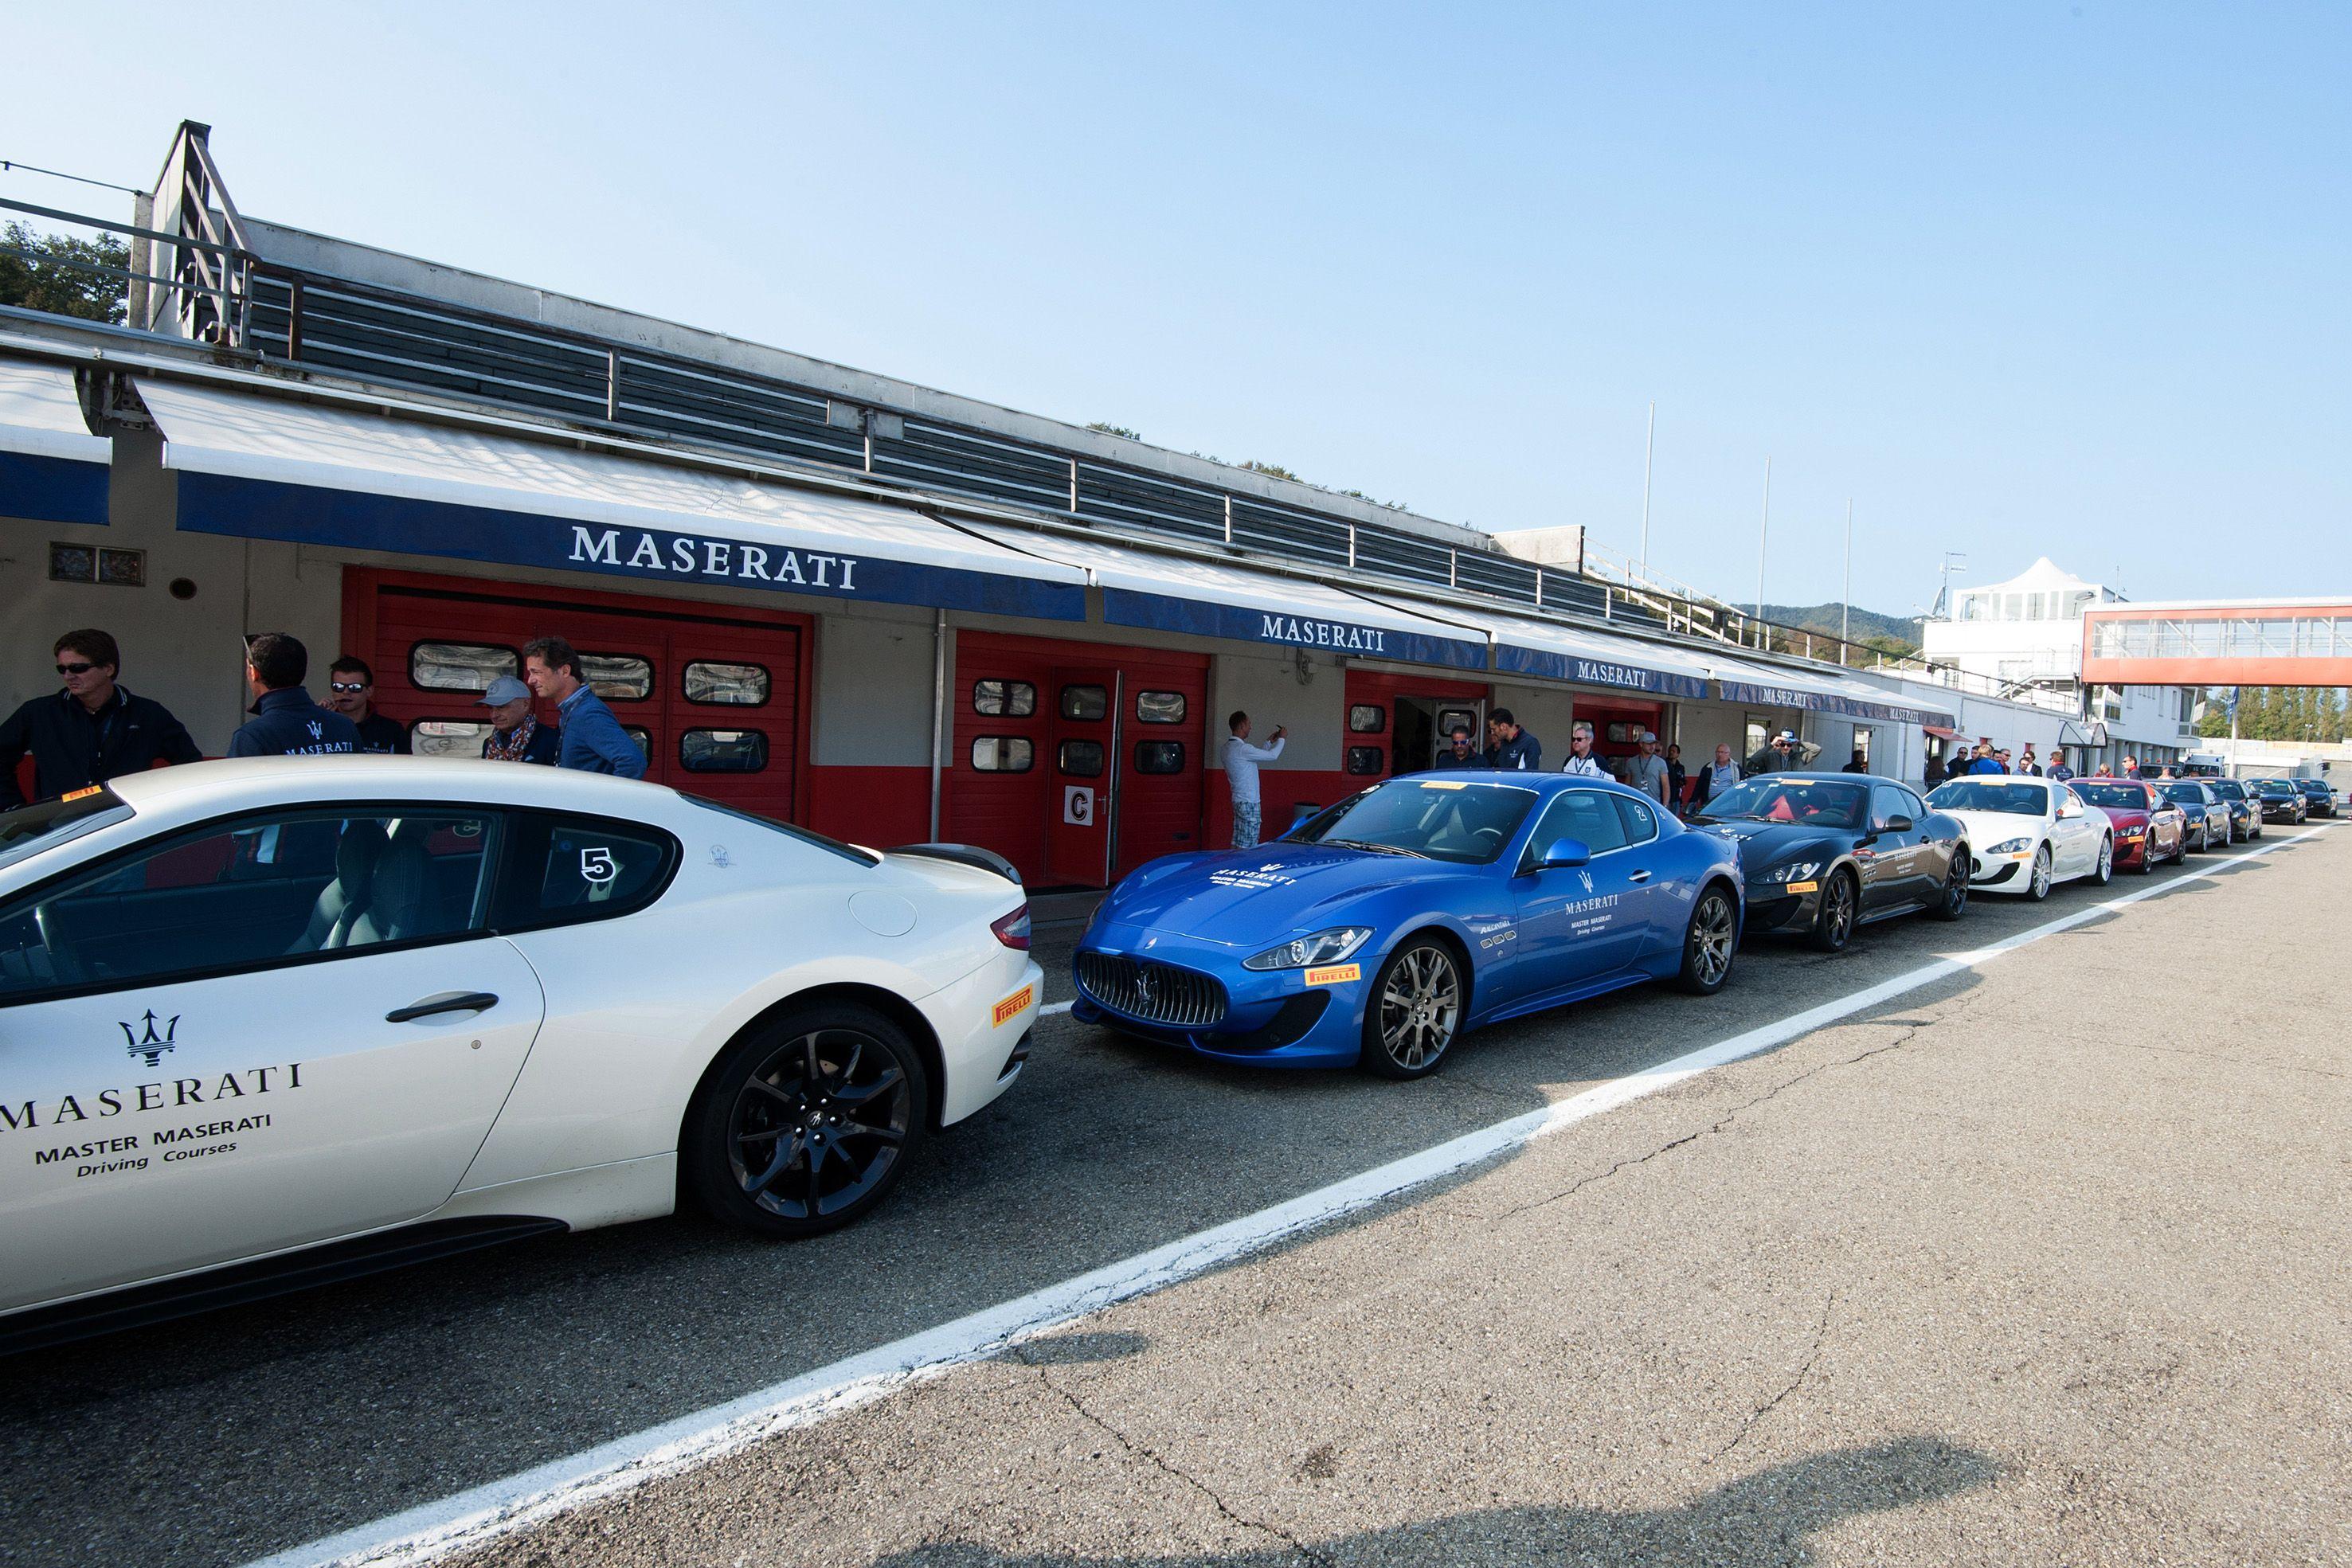 #Maserati pit lane